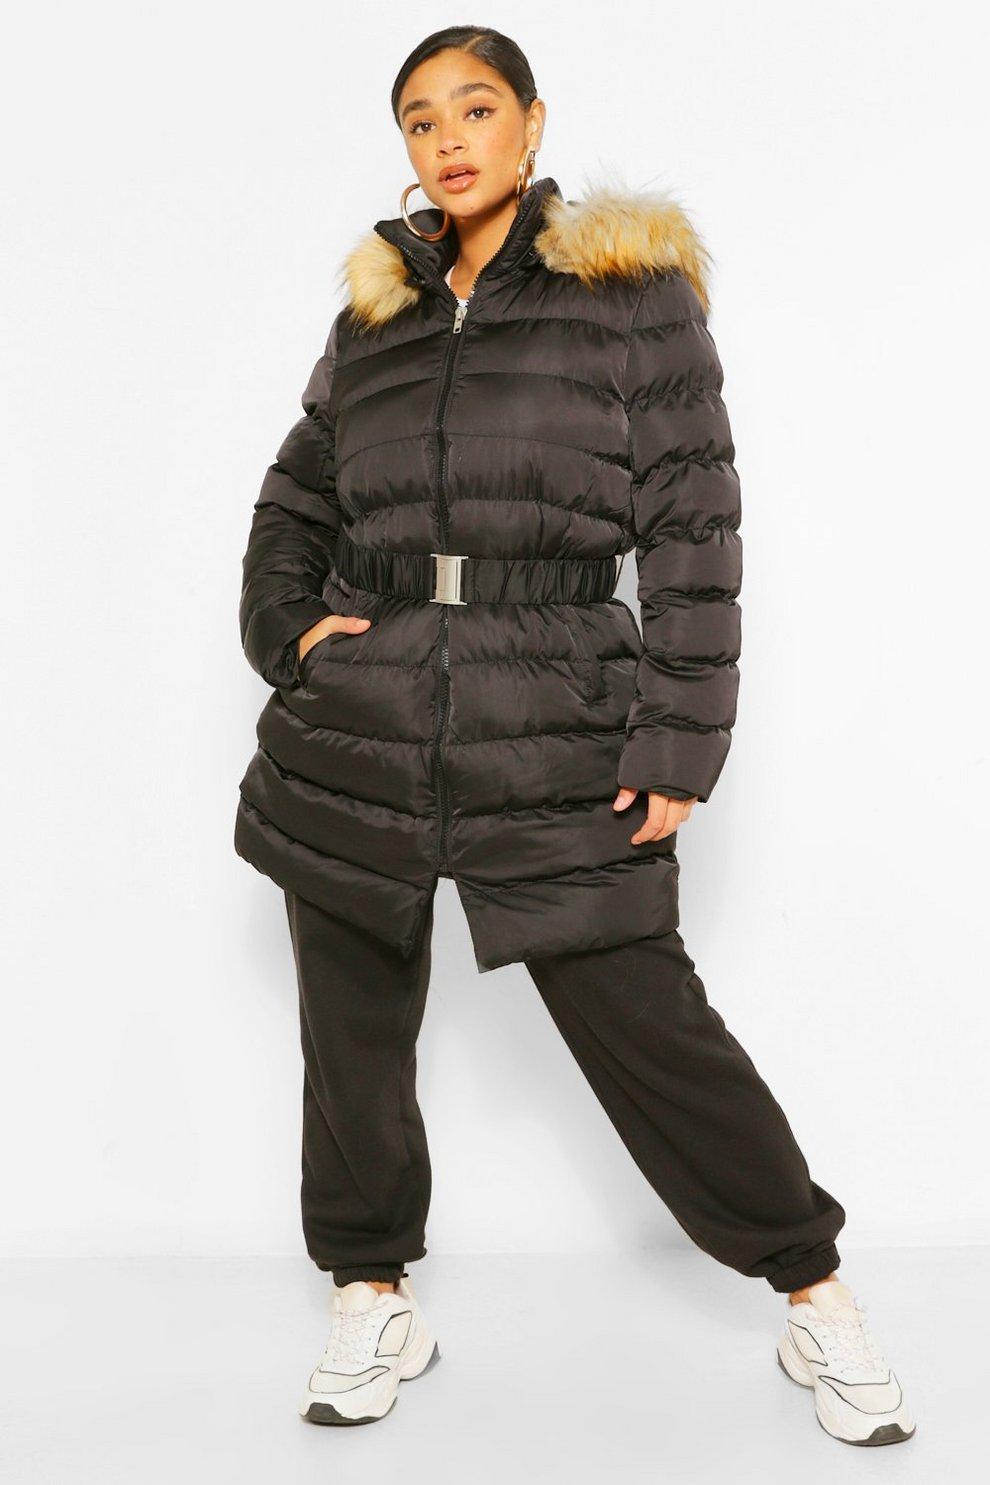 competitive price 07b7a ba0f3 Plus cappotto piumino lungo con cappuccio in pelliccia sintetica con cintura